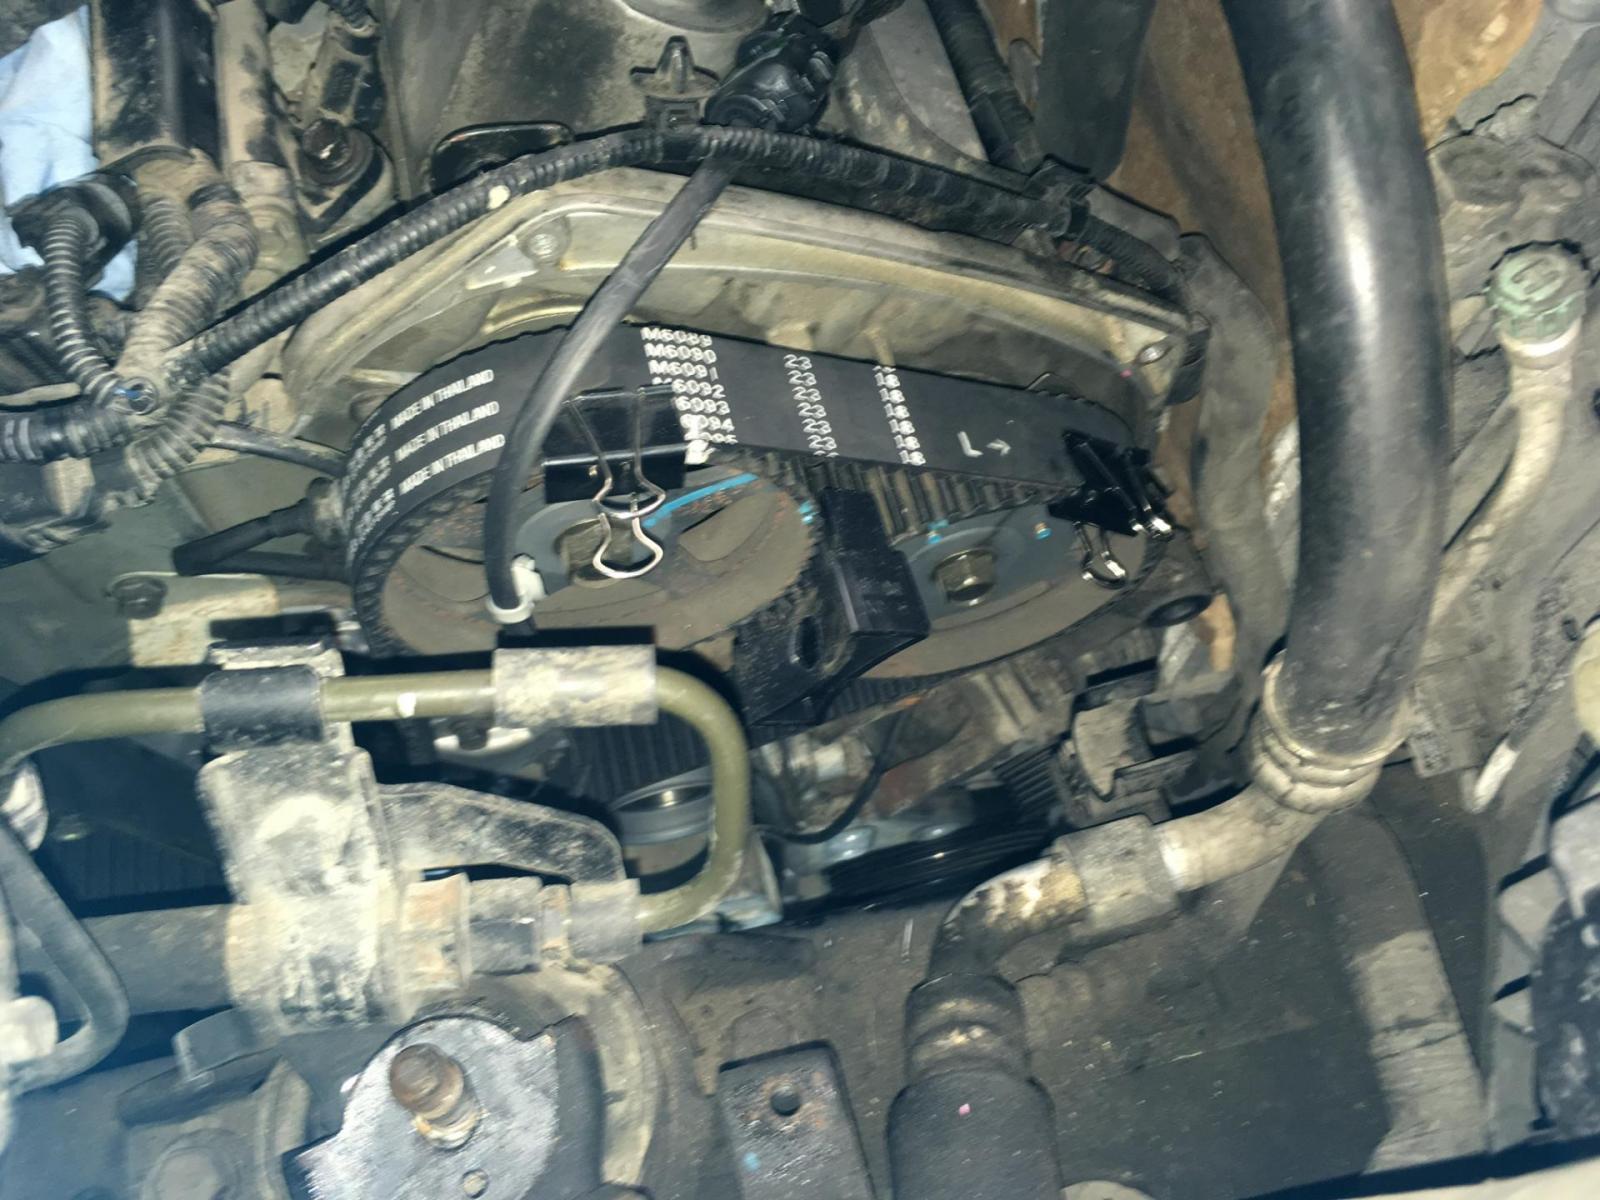 2004 Hyundai Santa Fe 3.5l V6 Timing Belt Clarification | Hyundai Forums | Hyundai 3500 V6 Engine Diagram |  | Hyundai Forums